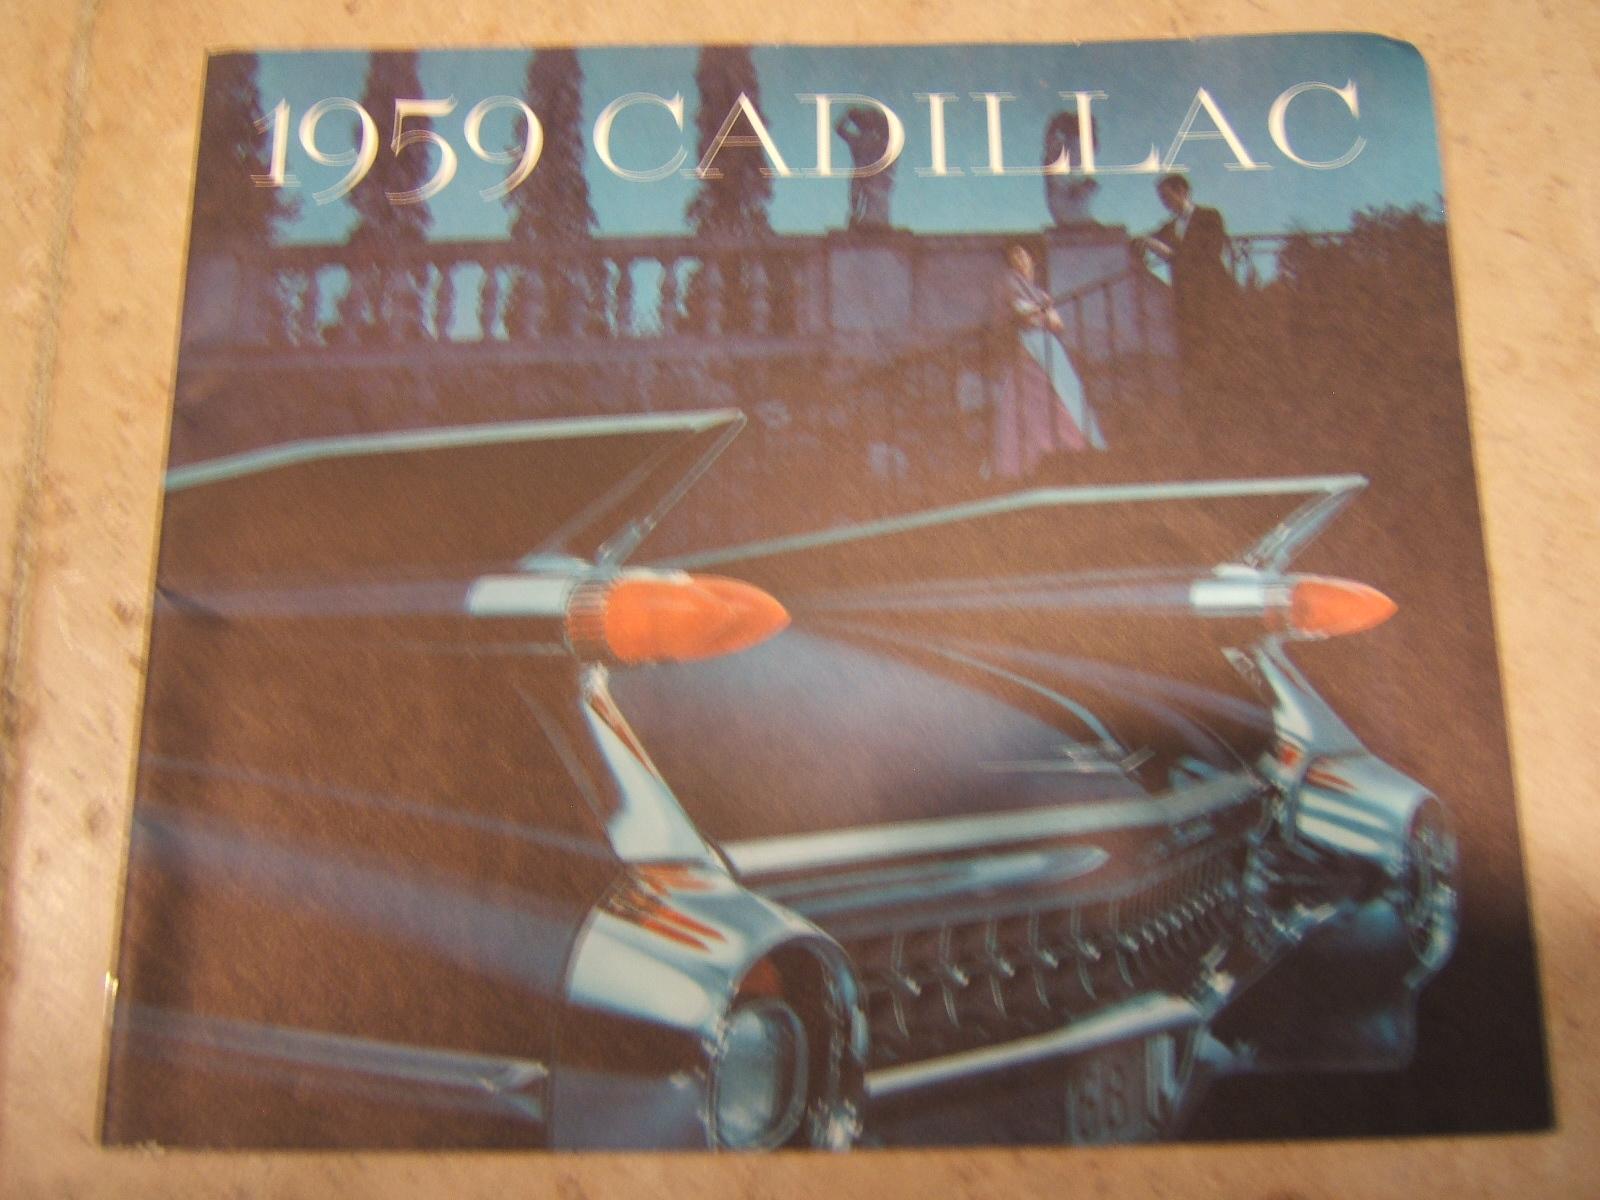 1959 Cadillac sales brochure (a 59 cad)